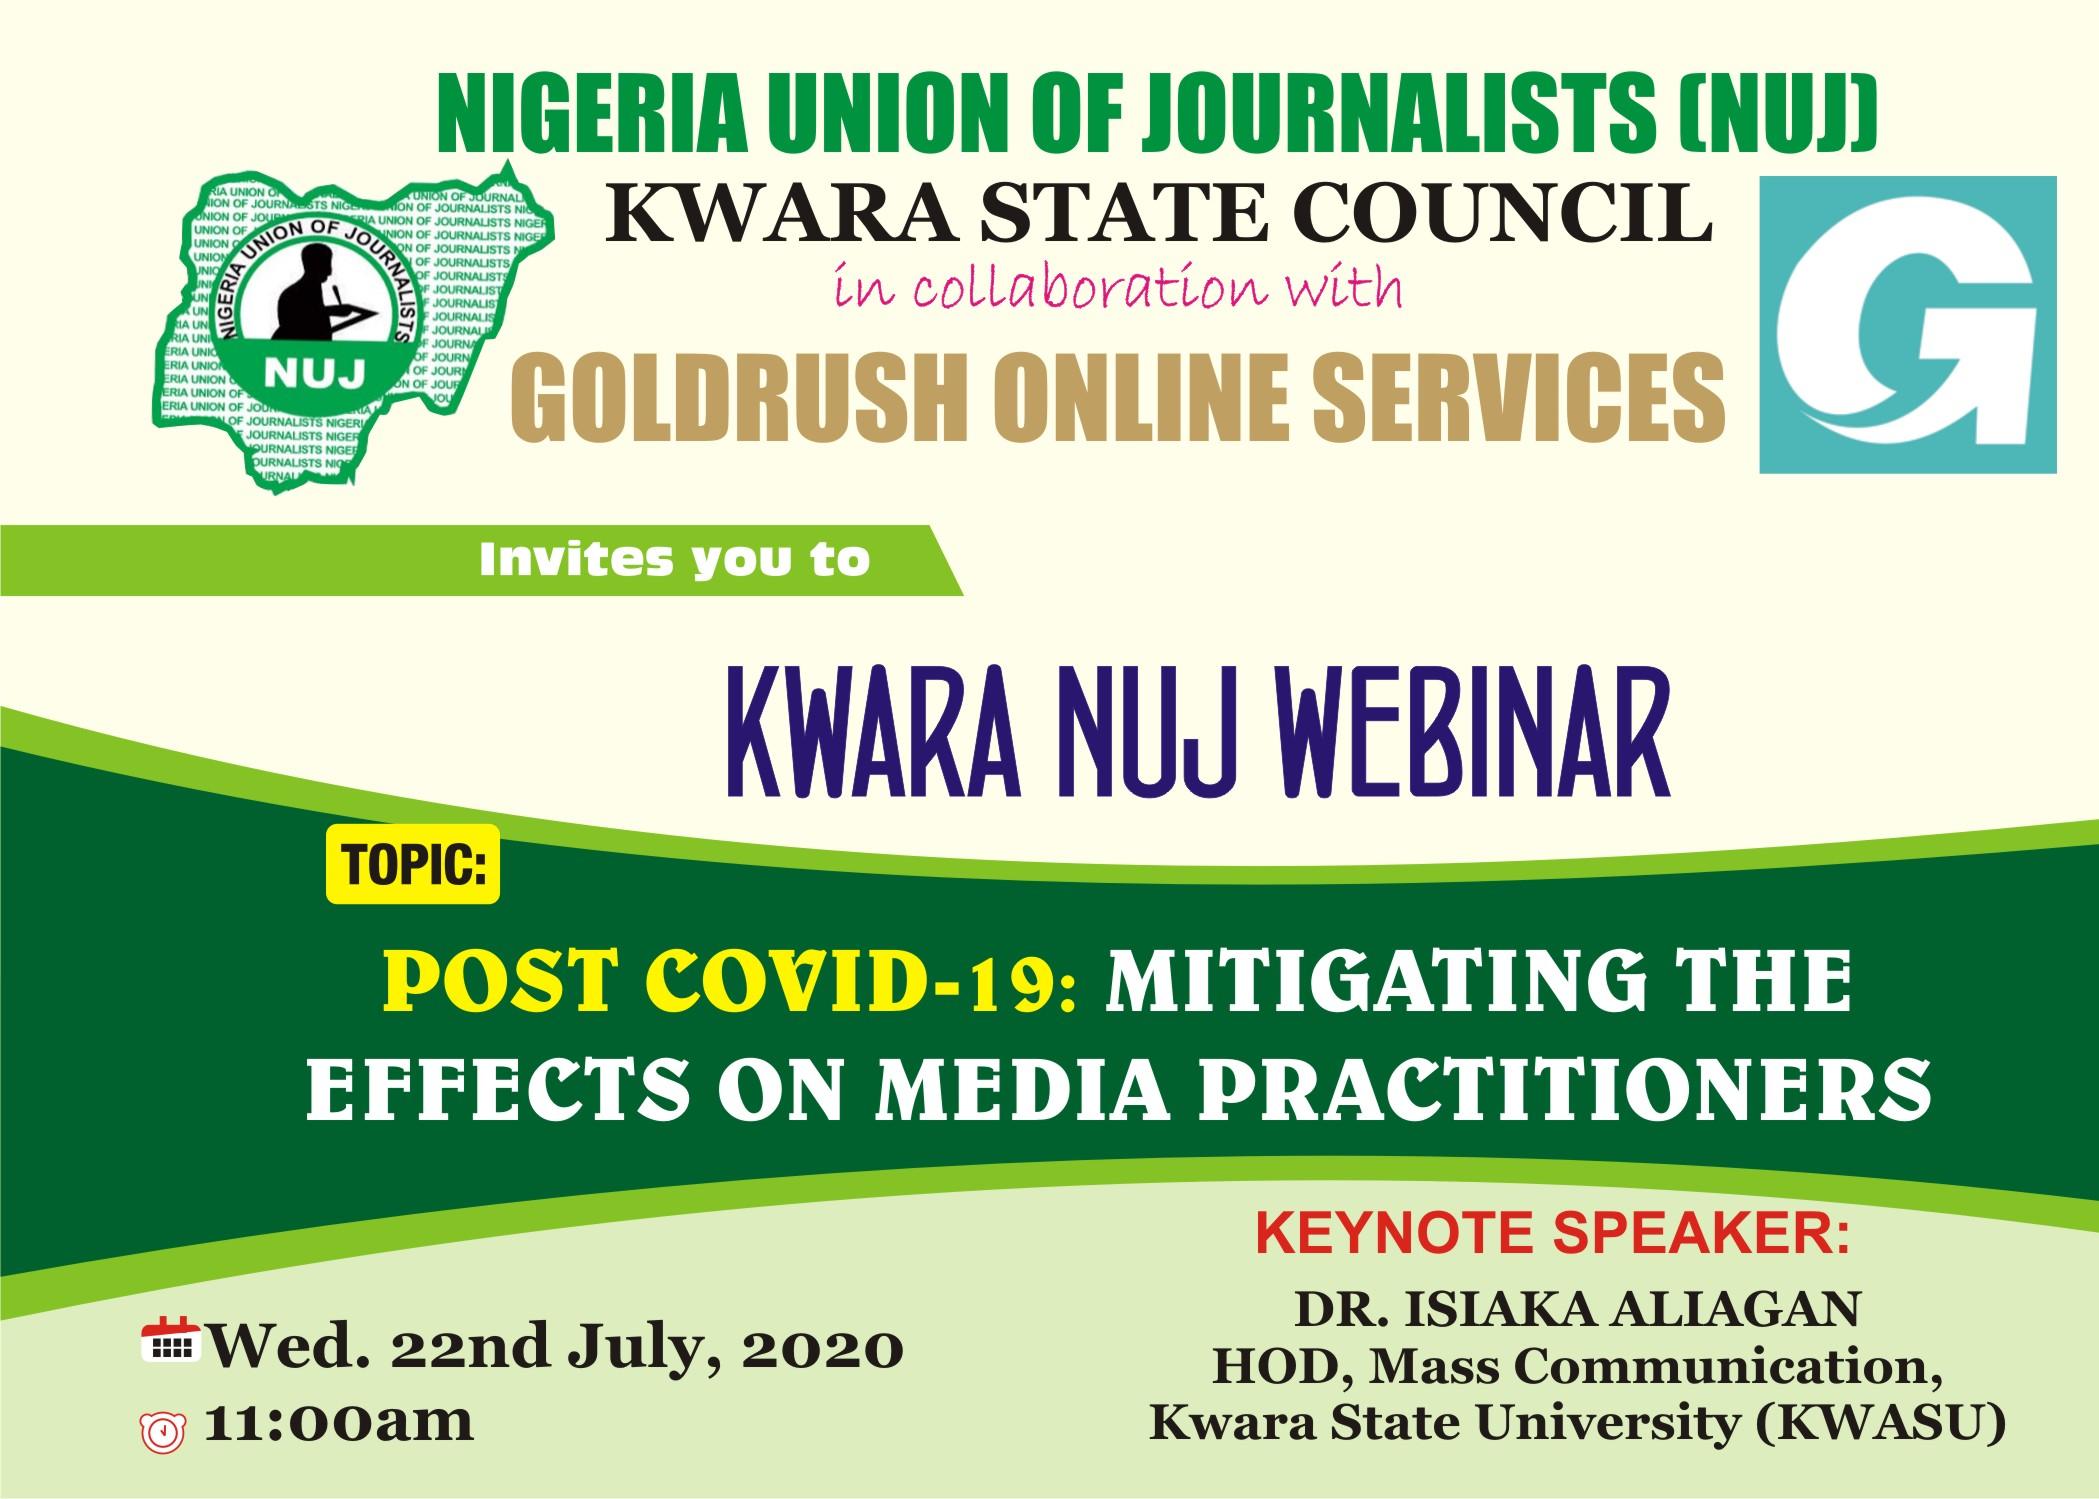 Aliagan delivers Kwara NUJ webinar lecture Wednesday